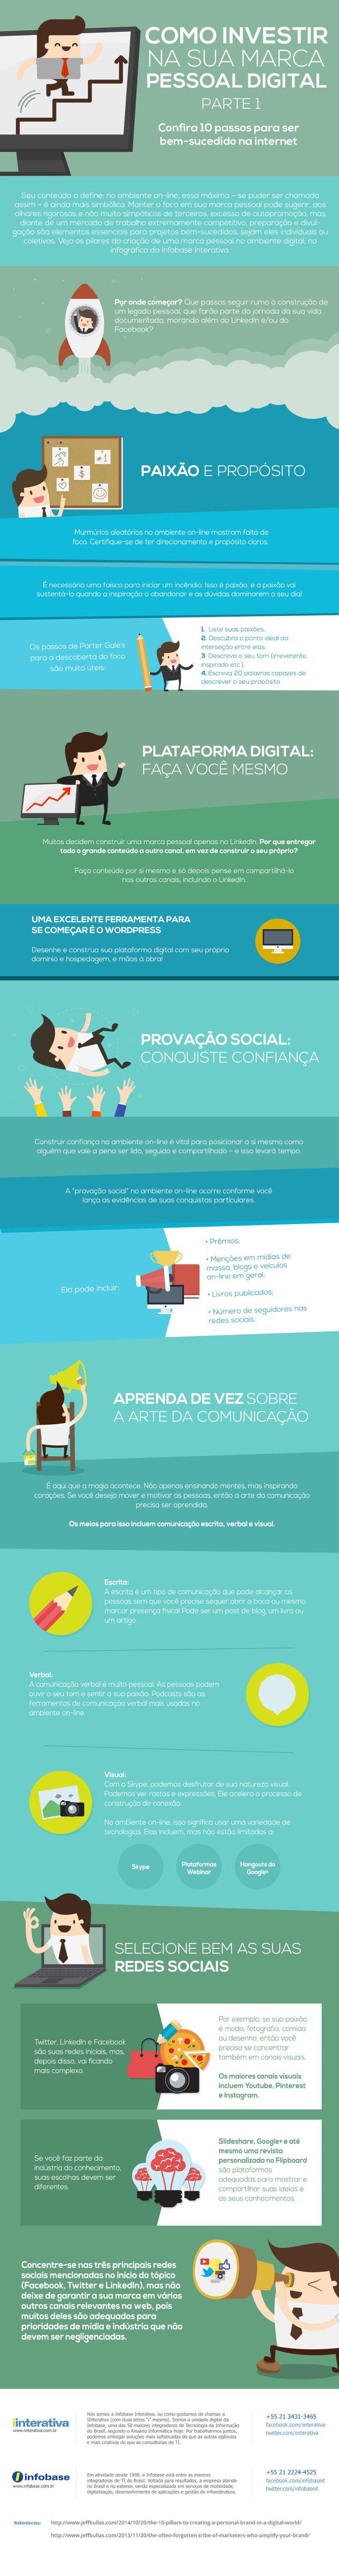 Como investir na sua marca pessoal digital – parte 1 http://www.iinterativa.com.br/infografico-como-investir-na-sua-marca-pessoal-digital-parte-1/